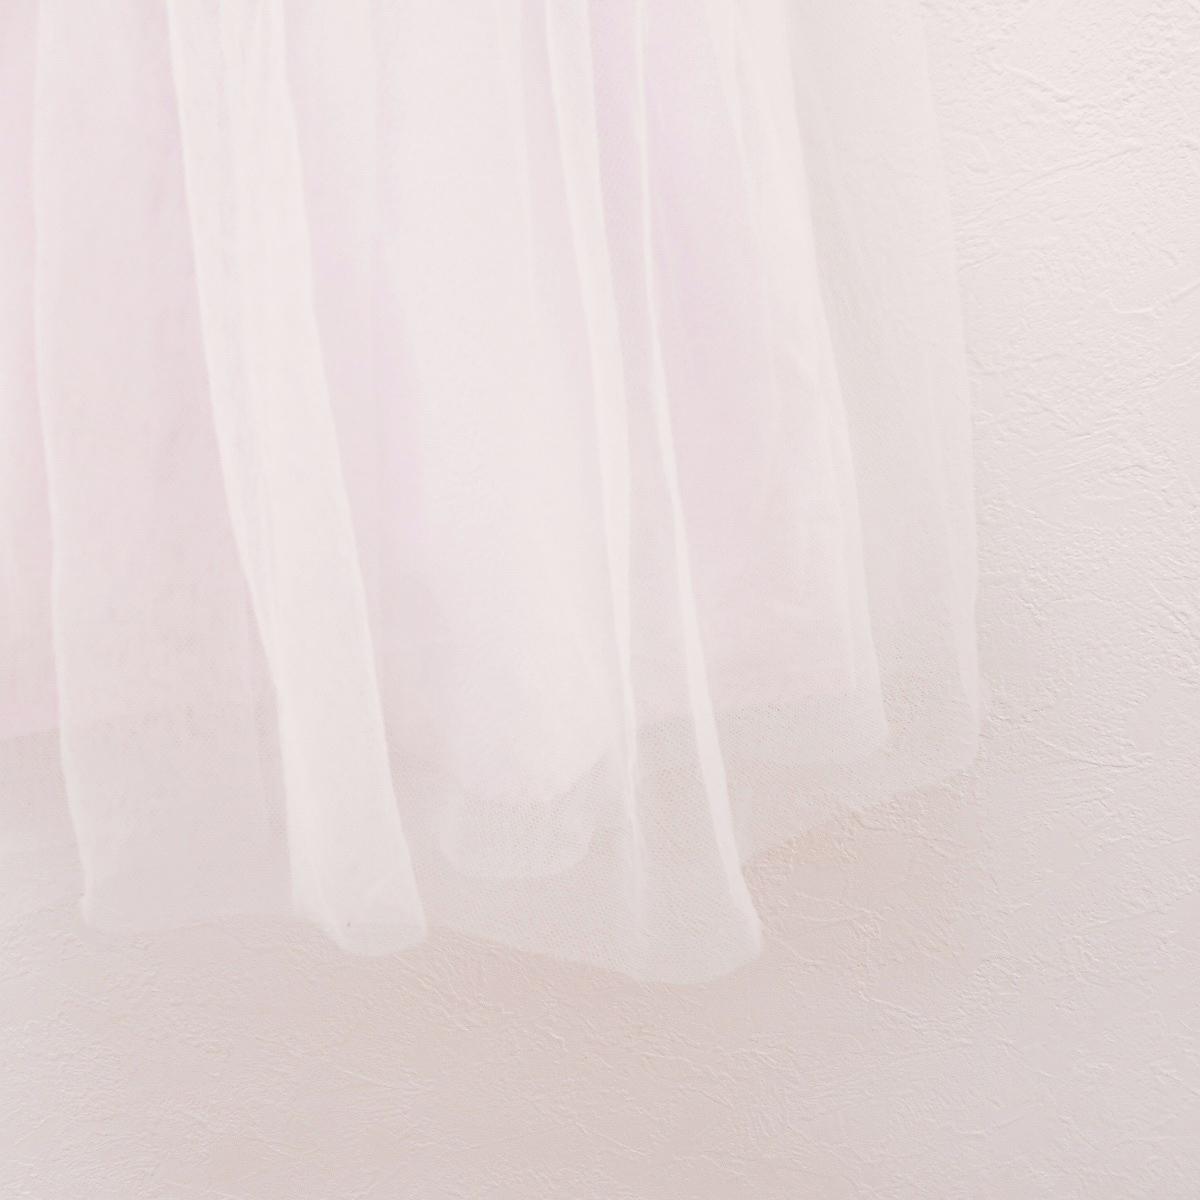 mezzo piano メゾピアノ 110cm キャミ ワンピース ジャンバー スカート ピンク ストライプ チュール レース スカート_画像4